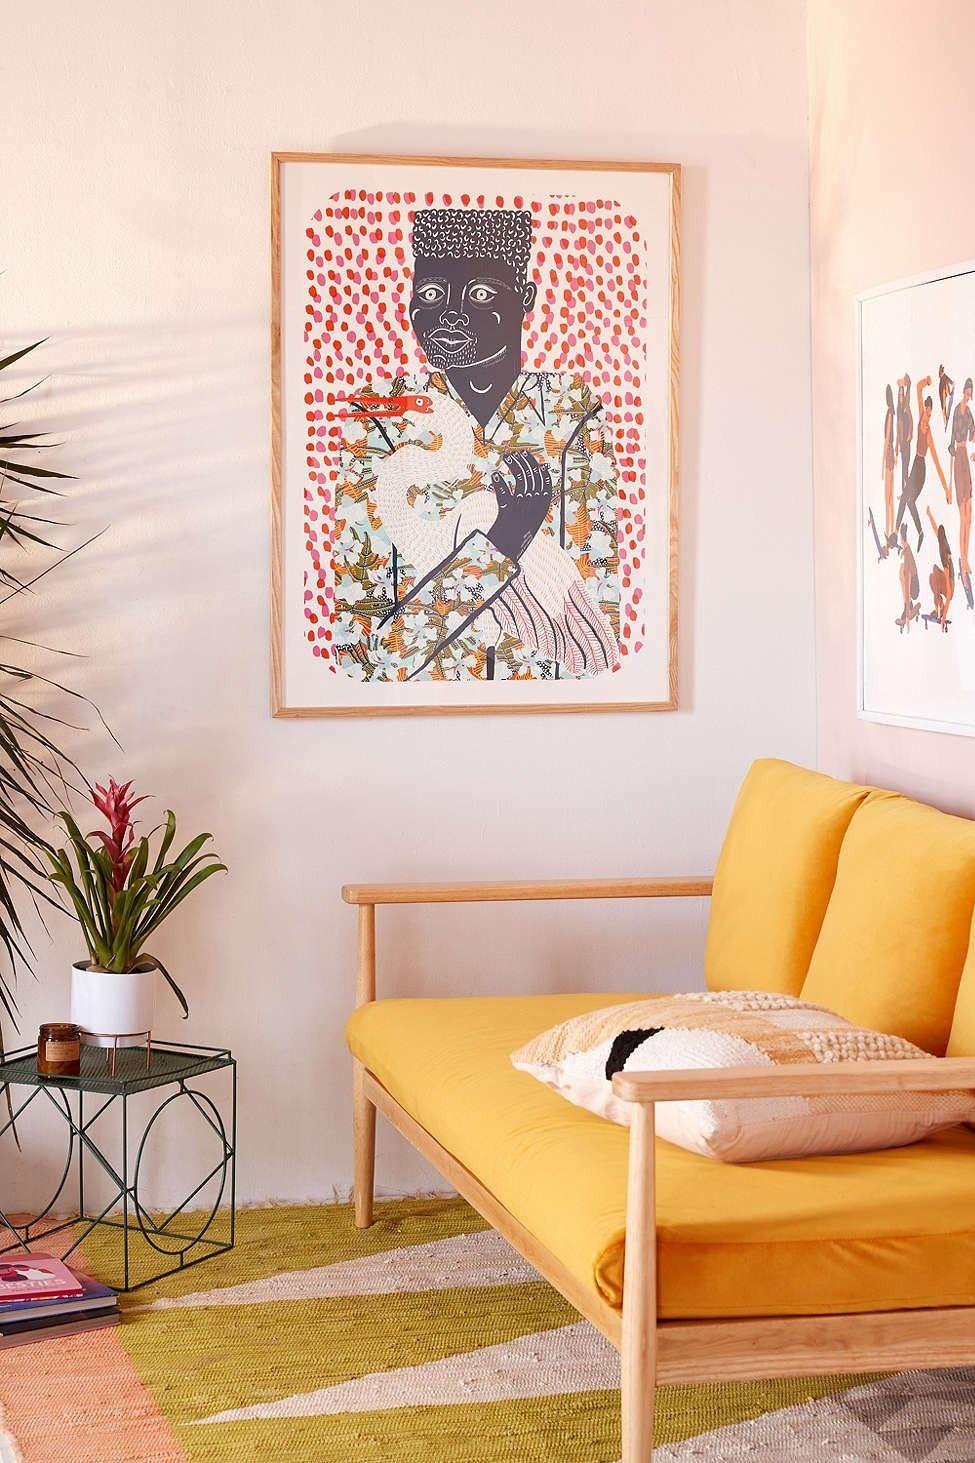 Camilla Perkins Gentleman With Egret Art Print Decor